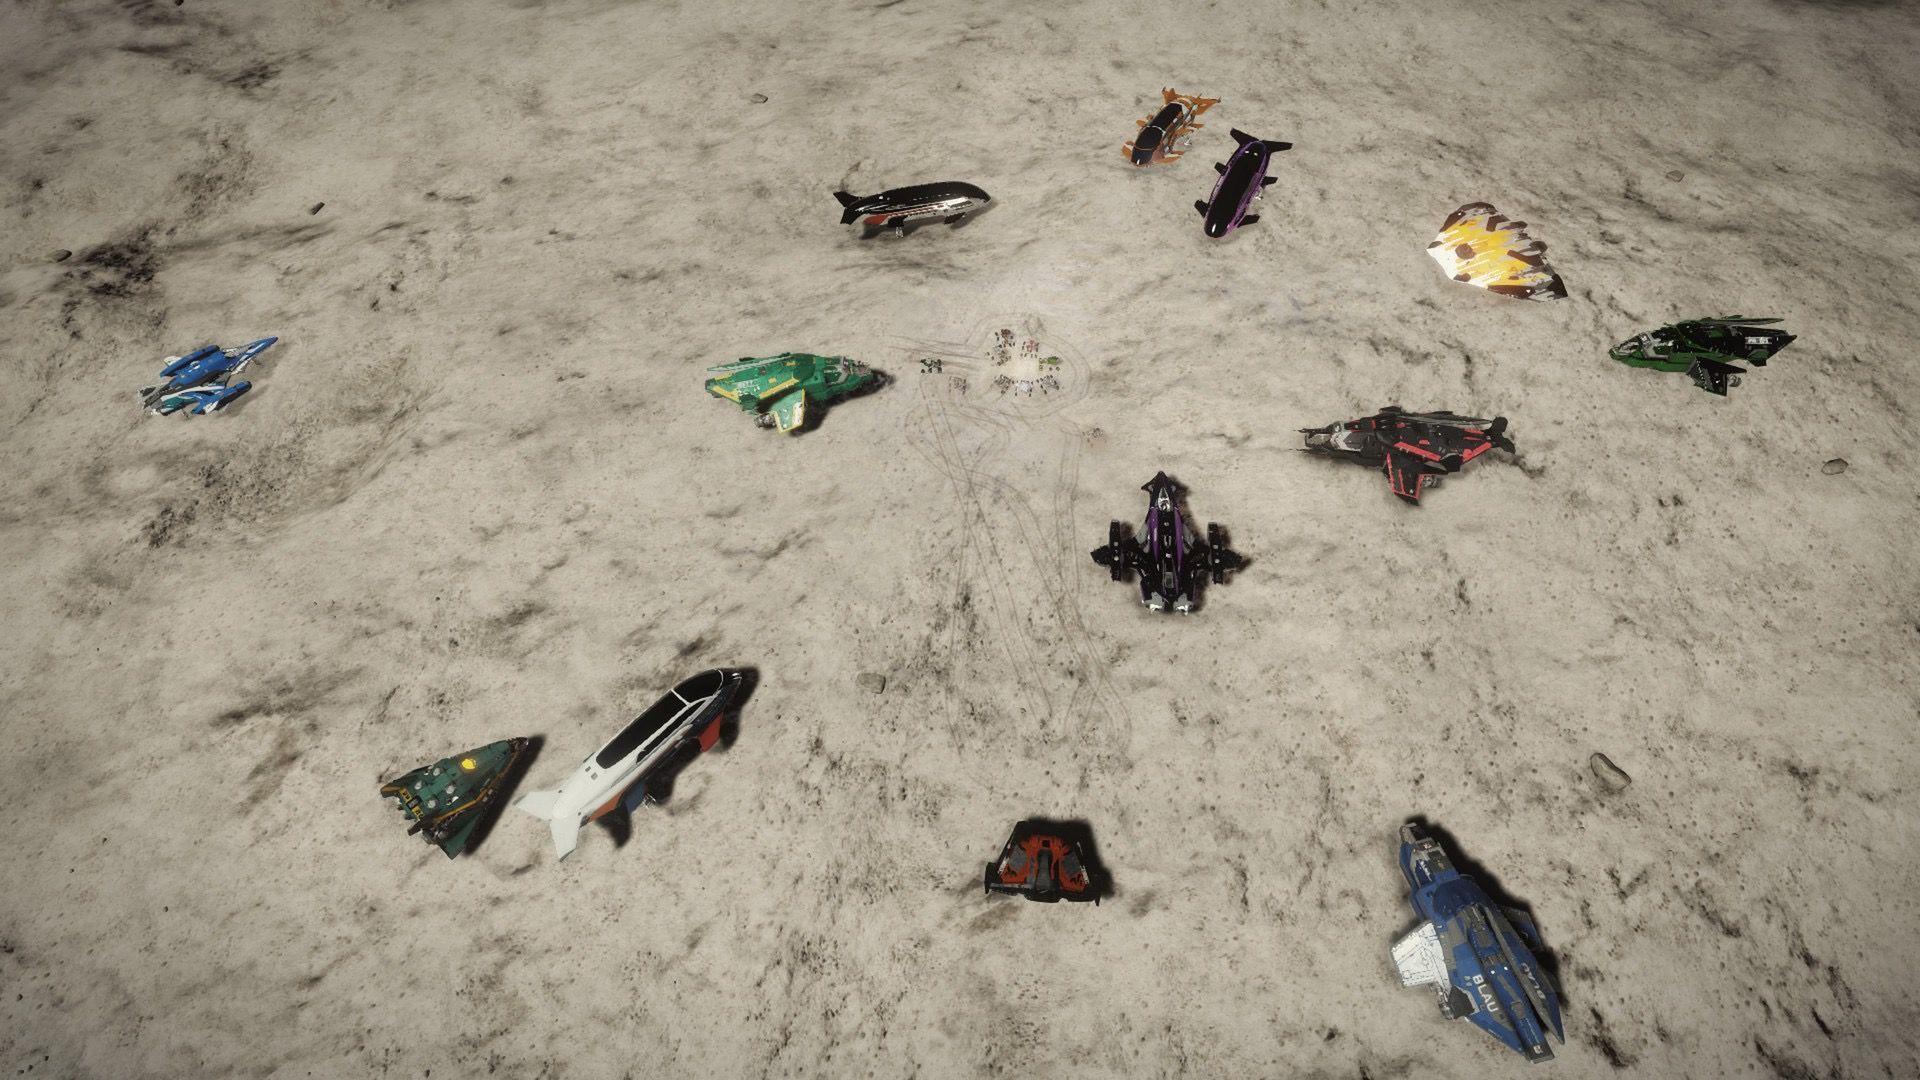 Raumschiffe vor dem Start, versammelt auf einem Felsbröckchen